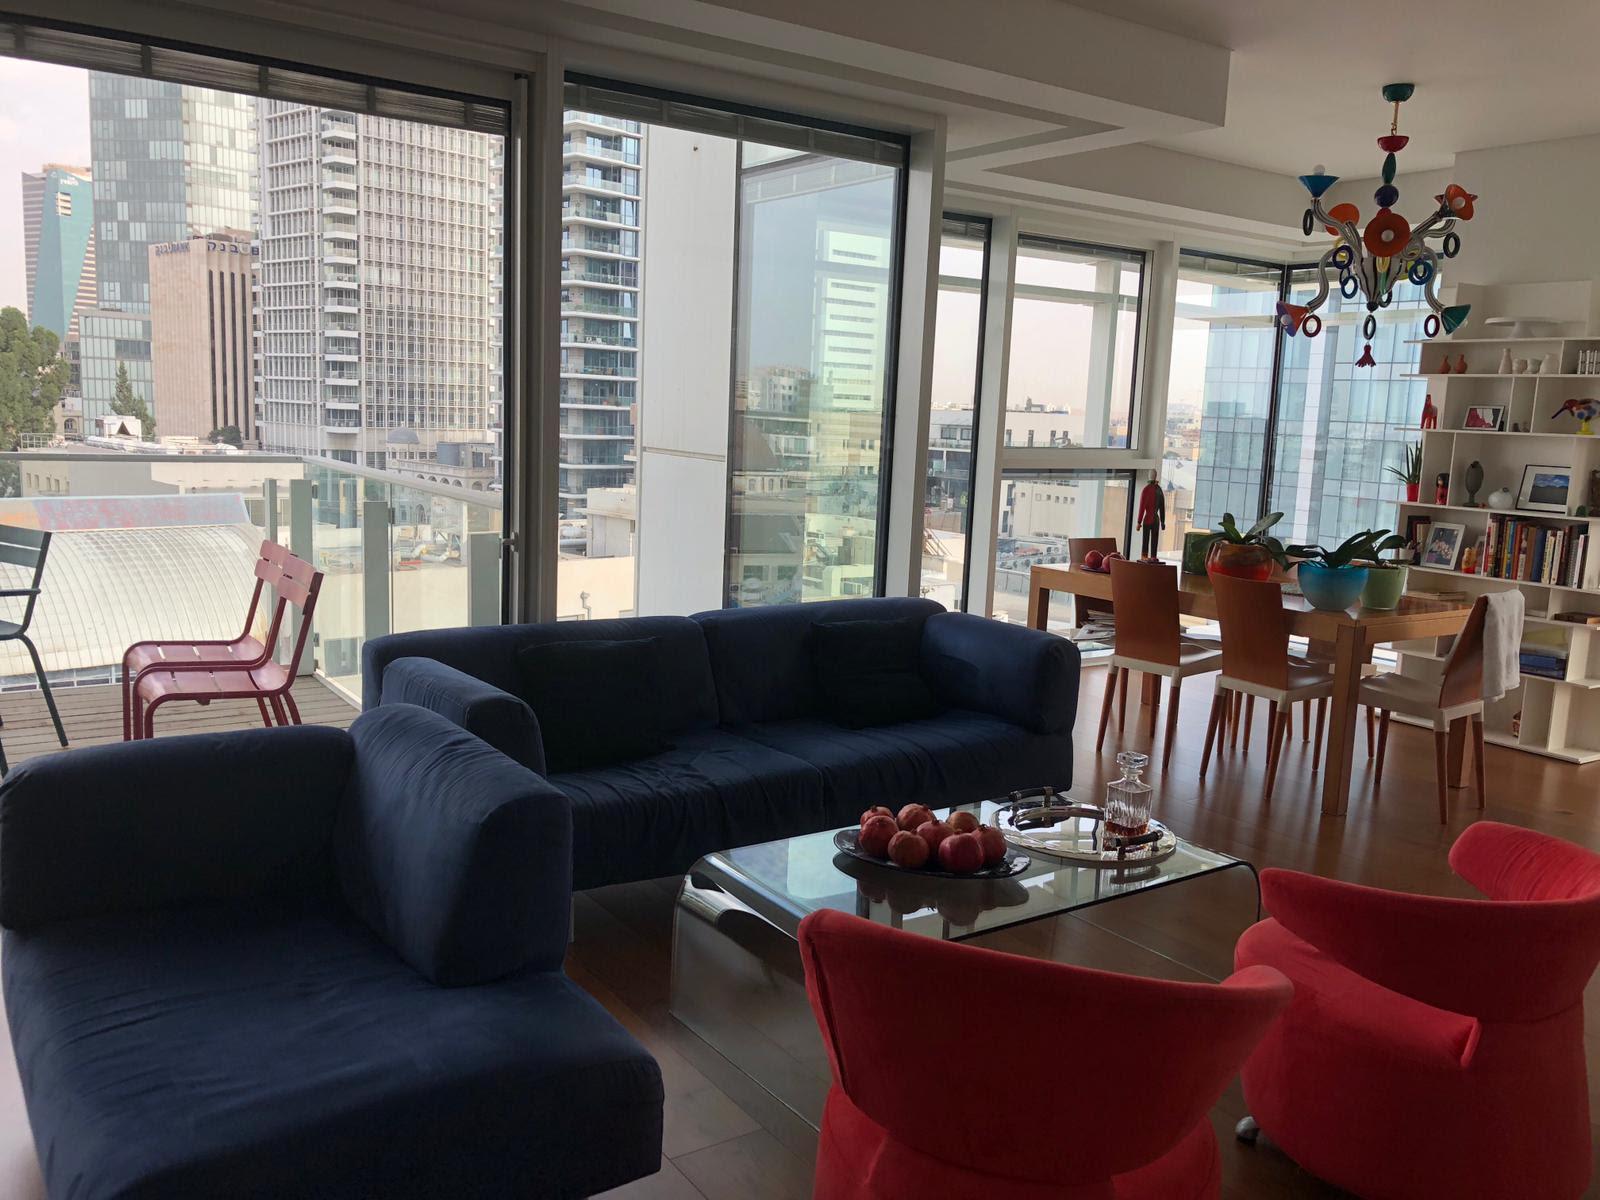 למכירה דירת 3 חדרים יוקרתית במגדל ברחוב רוטשילד 17, תל אביב